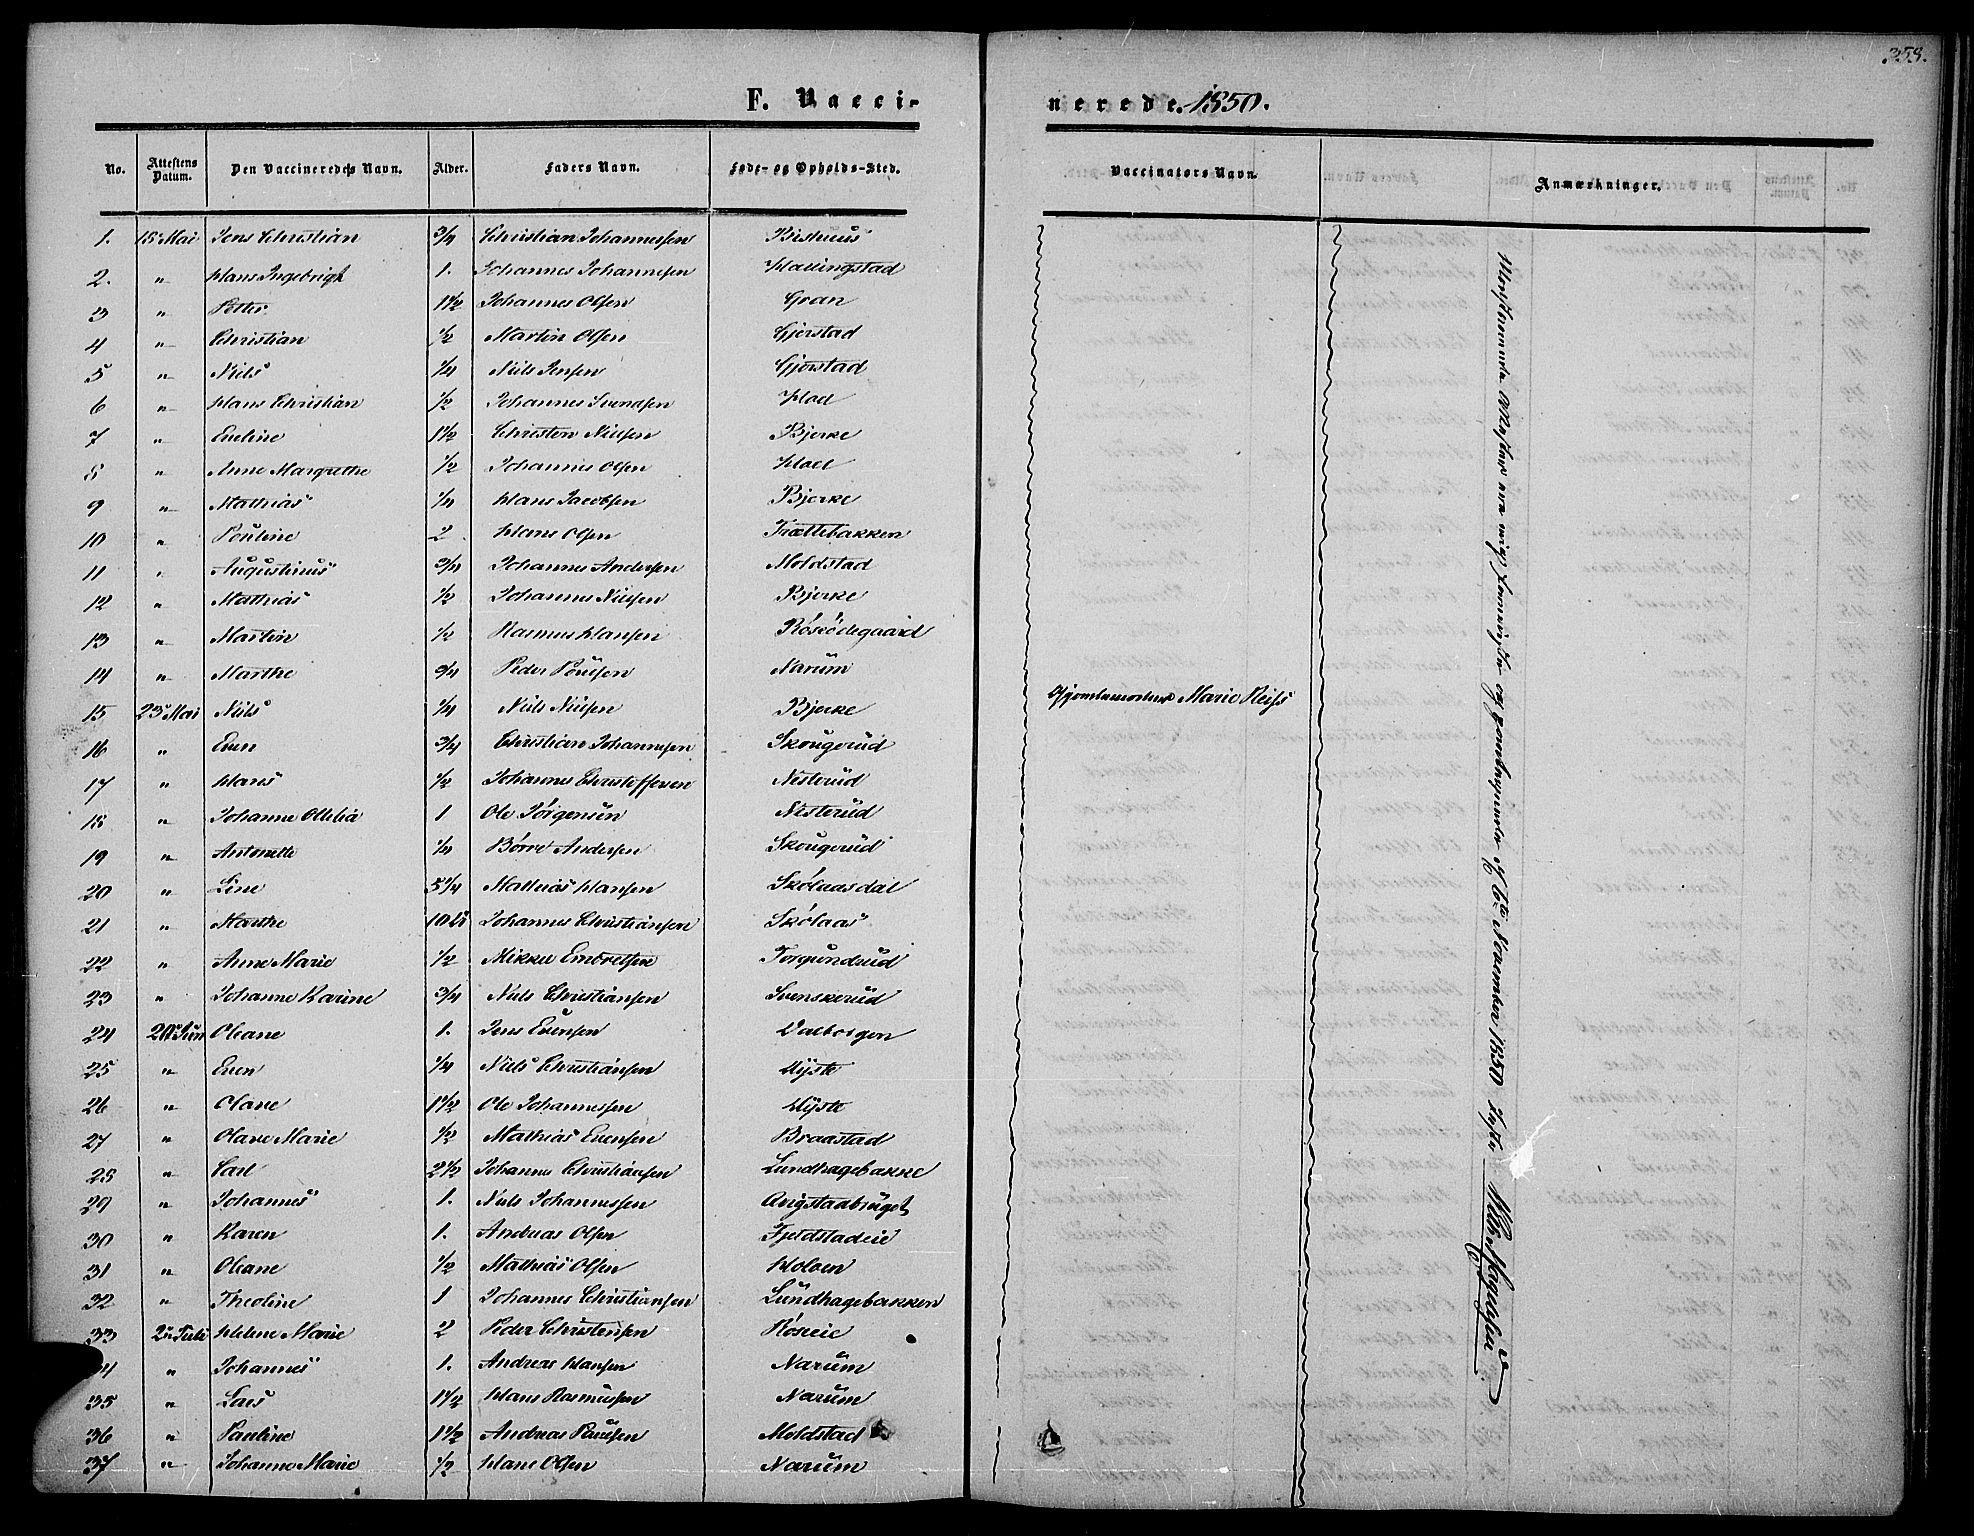 SAH, Vestre Toten prestekontor, Ministerialbok nr. 5, 1850-1855, s. 358